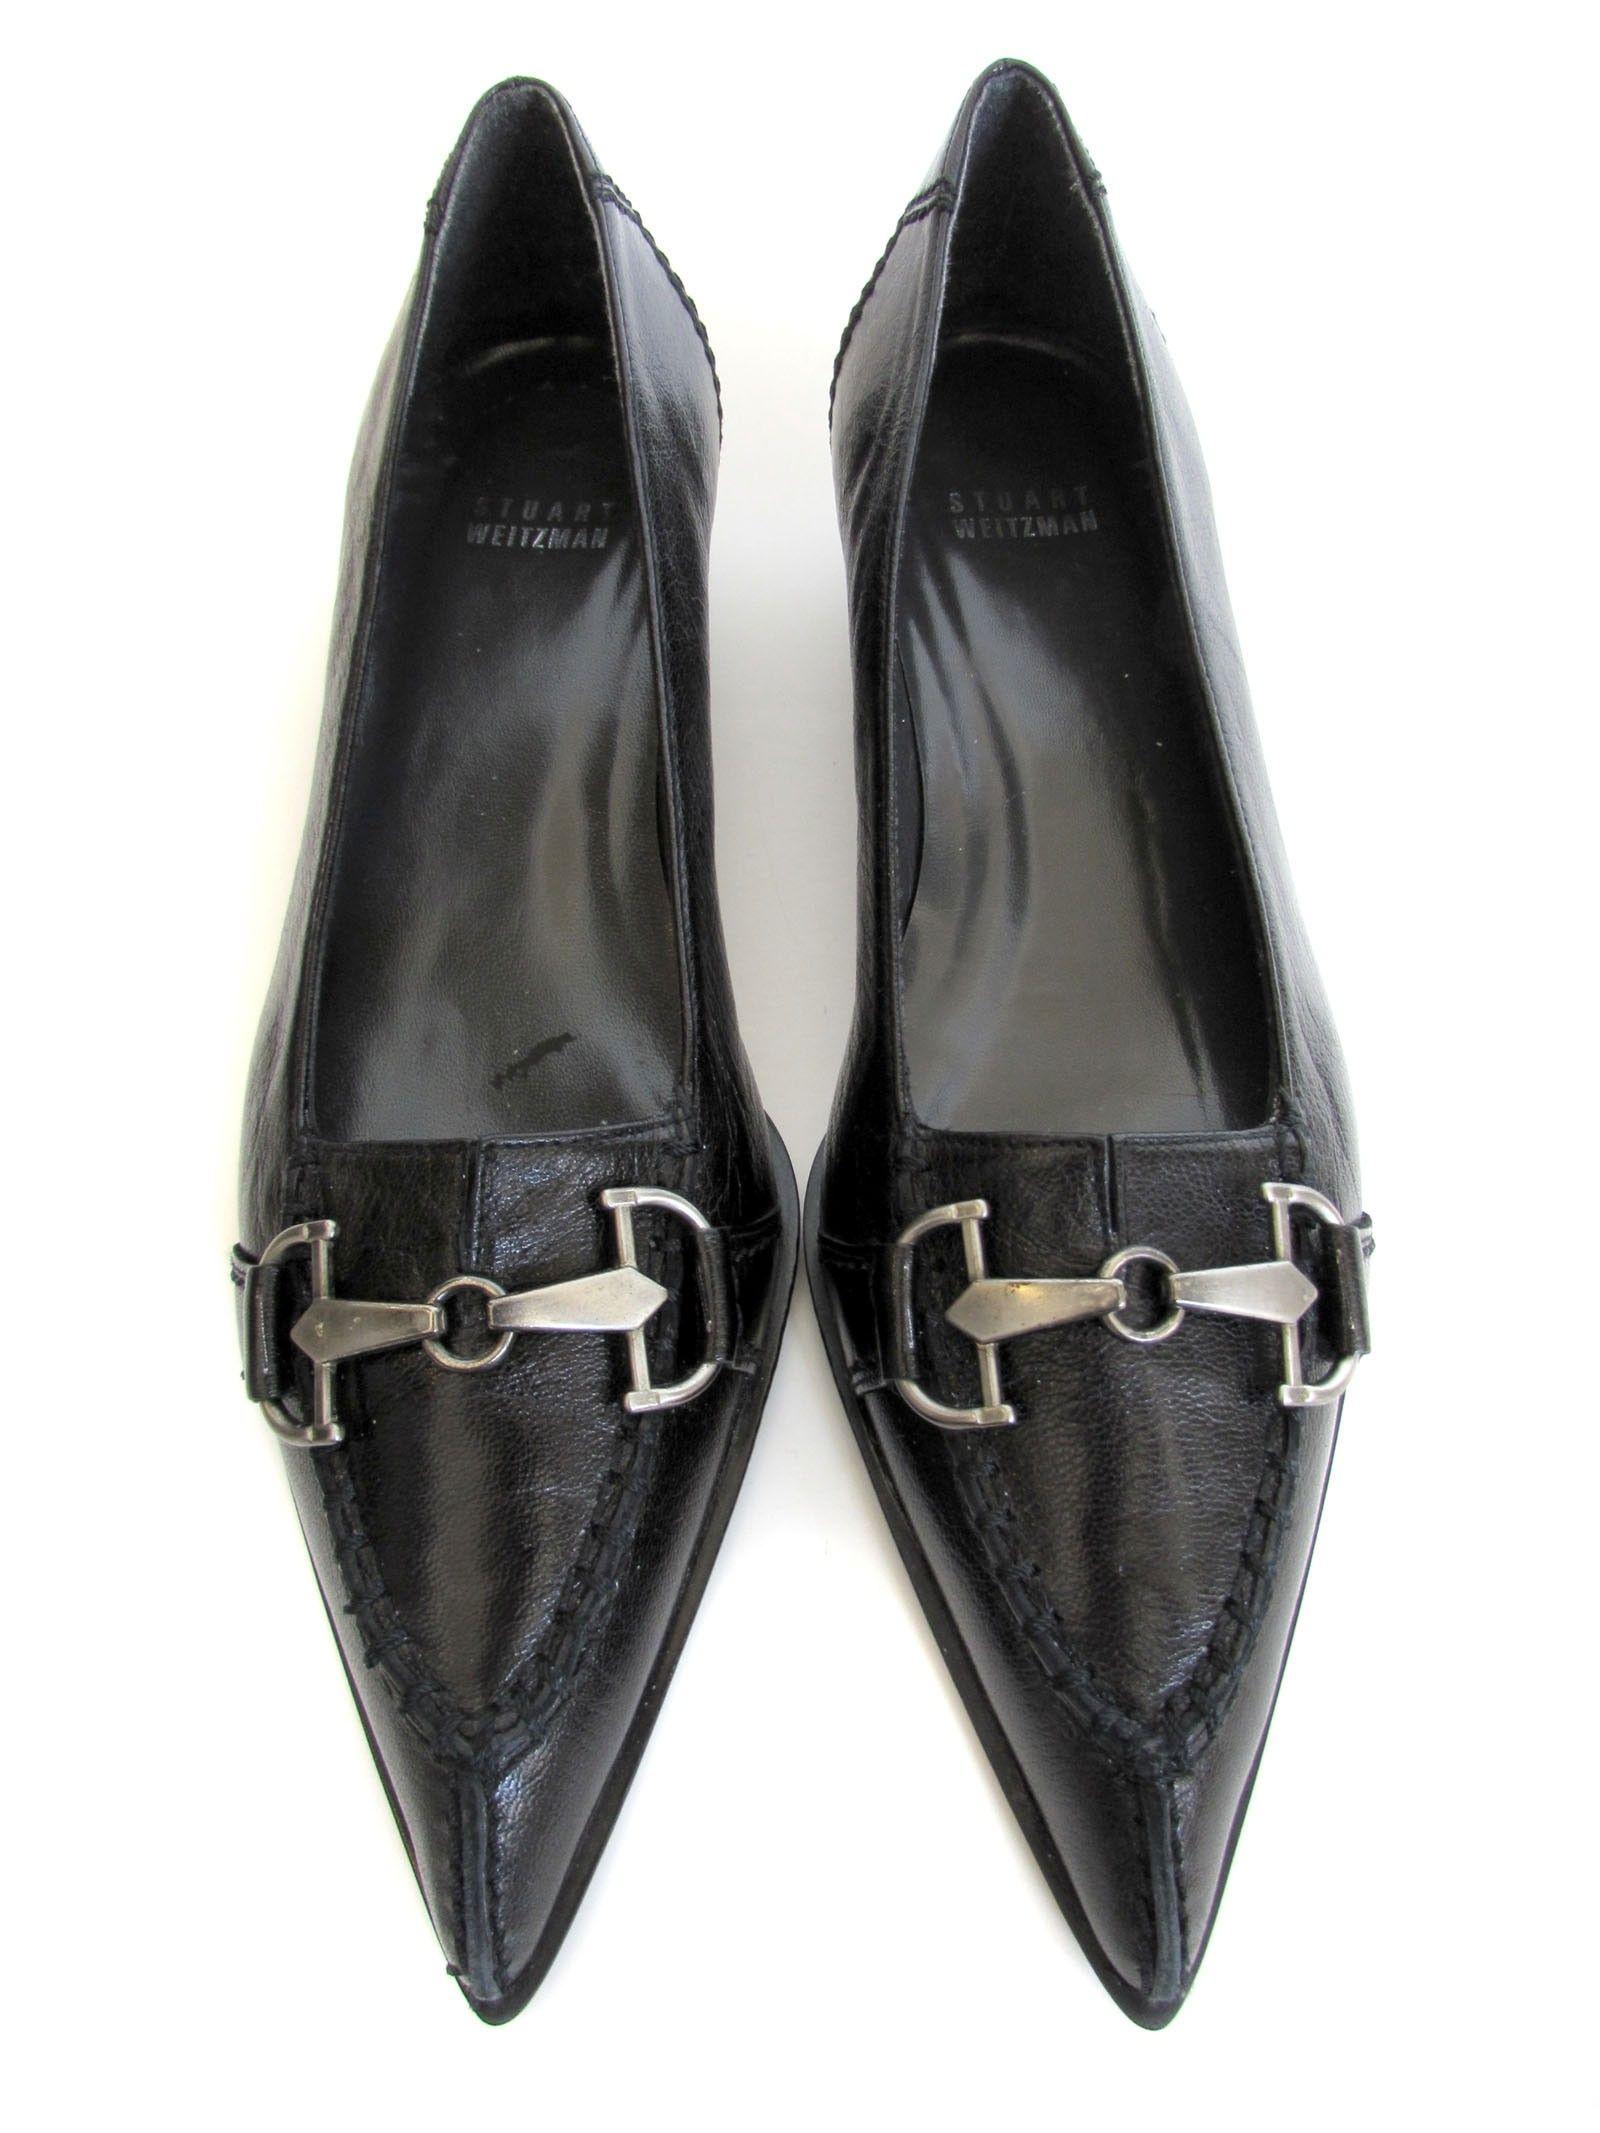 Stuart Weitzman Black Pointed Toe Kitten Heels... Stylish